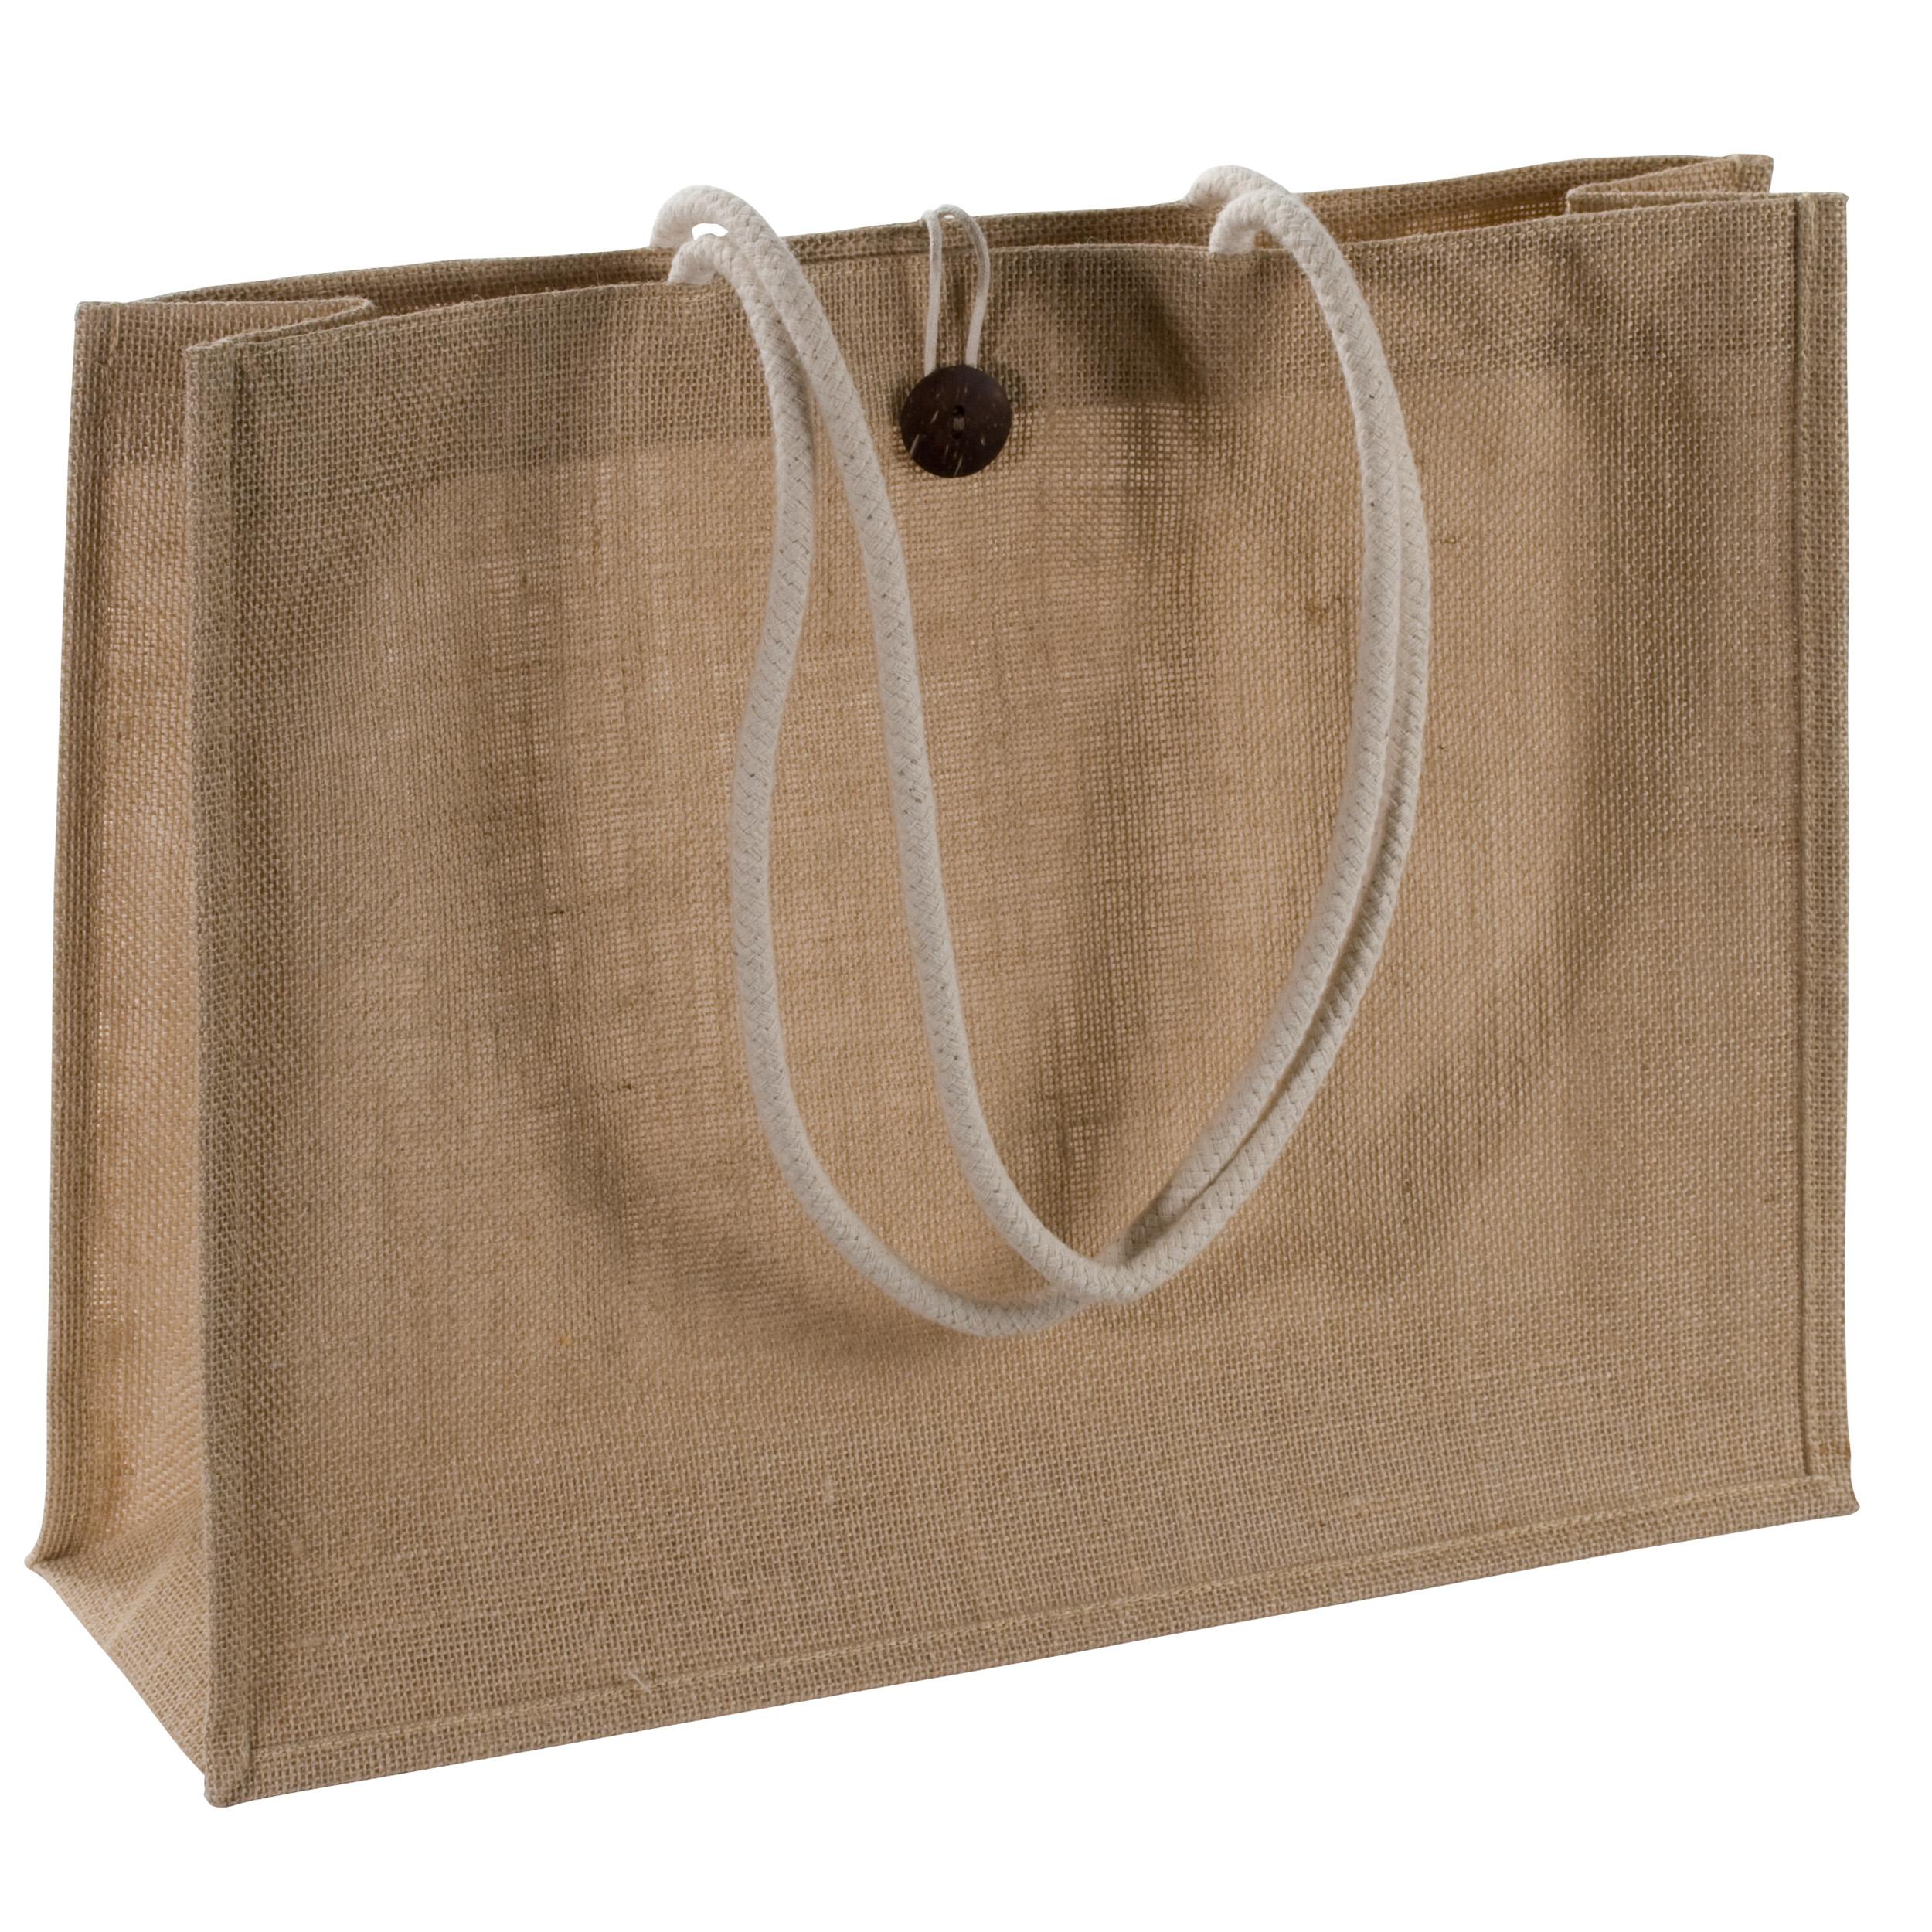 Très grand sac de jute en couleur naturelle